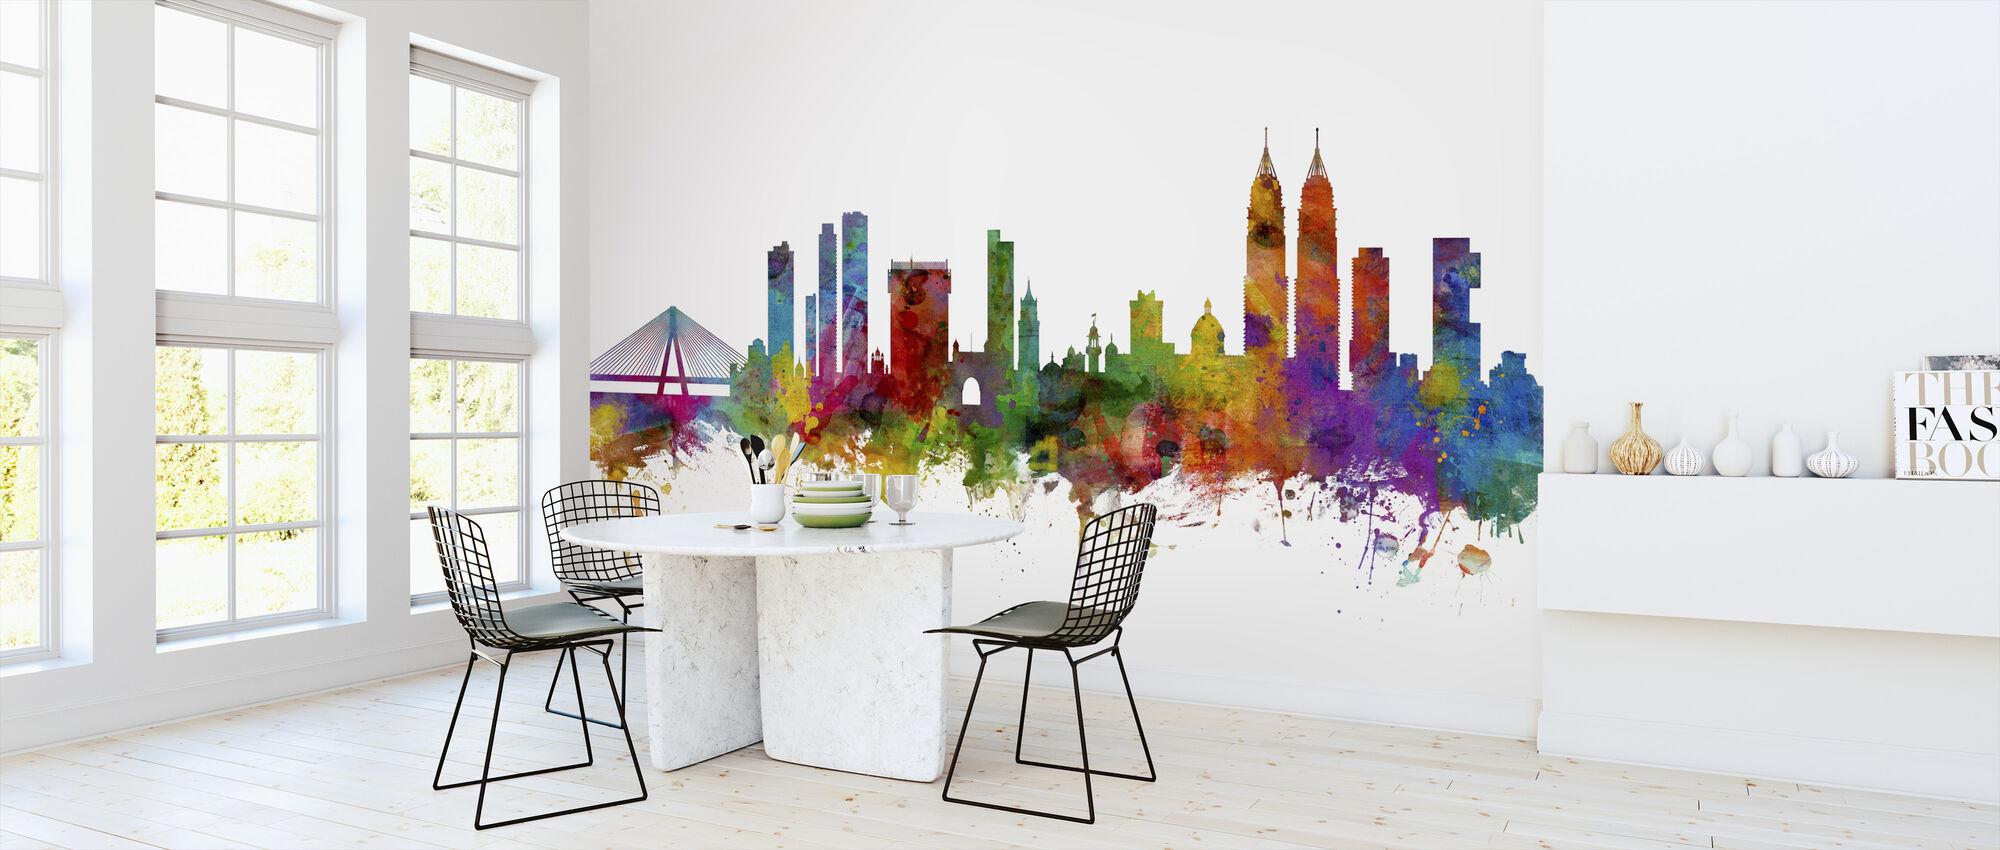 Mumbai (Bombay) Skyline - Wallpaper - Kitchen